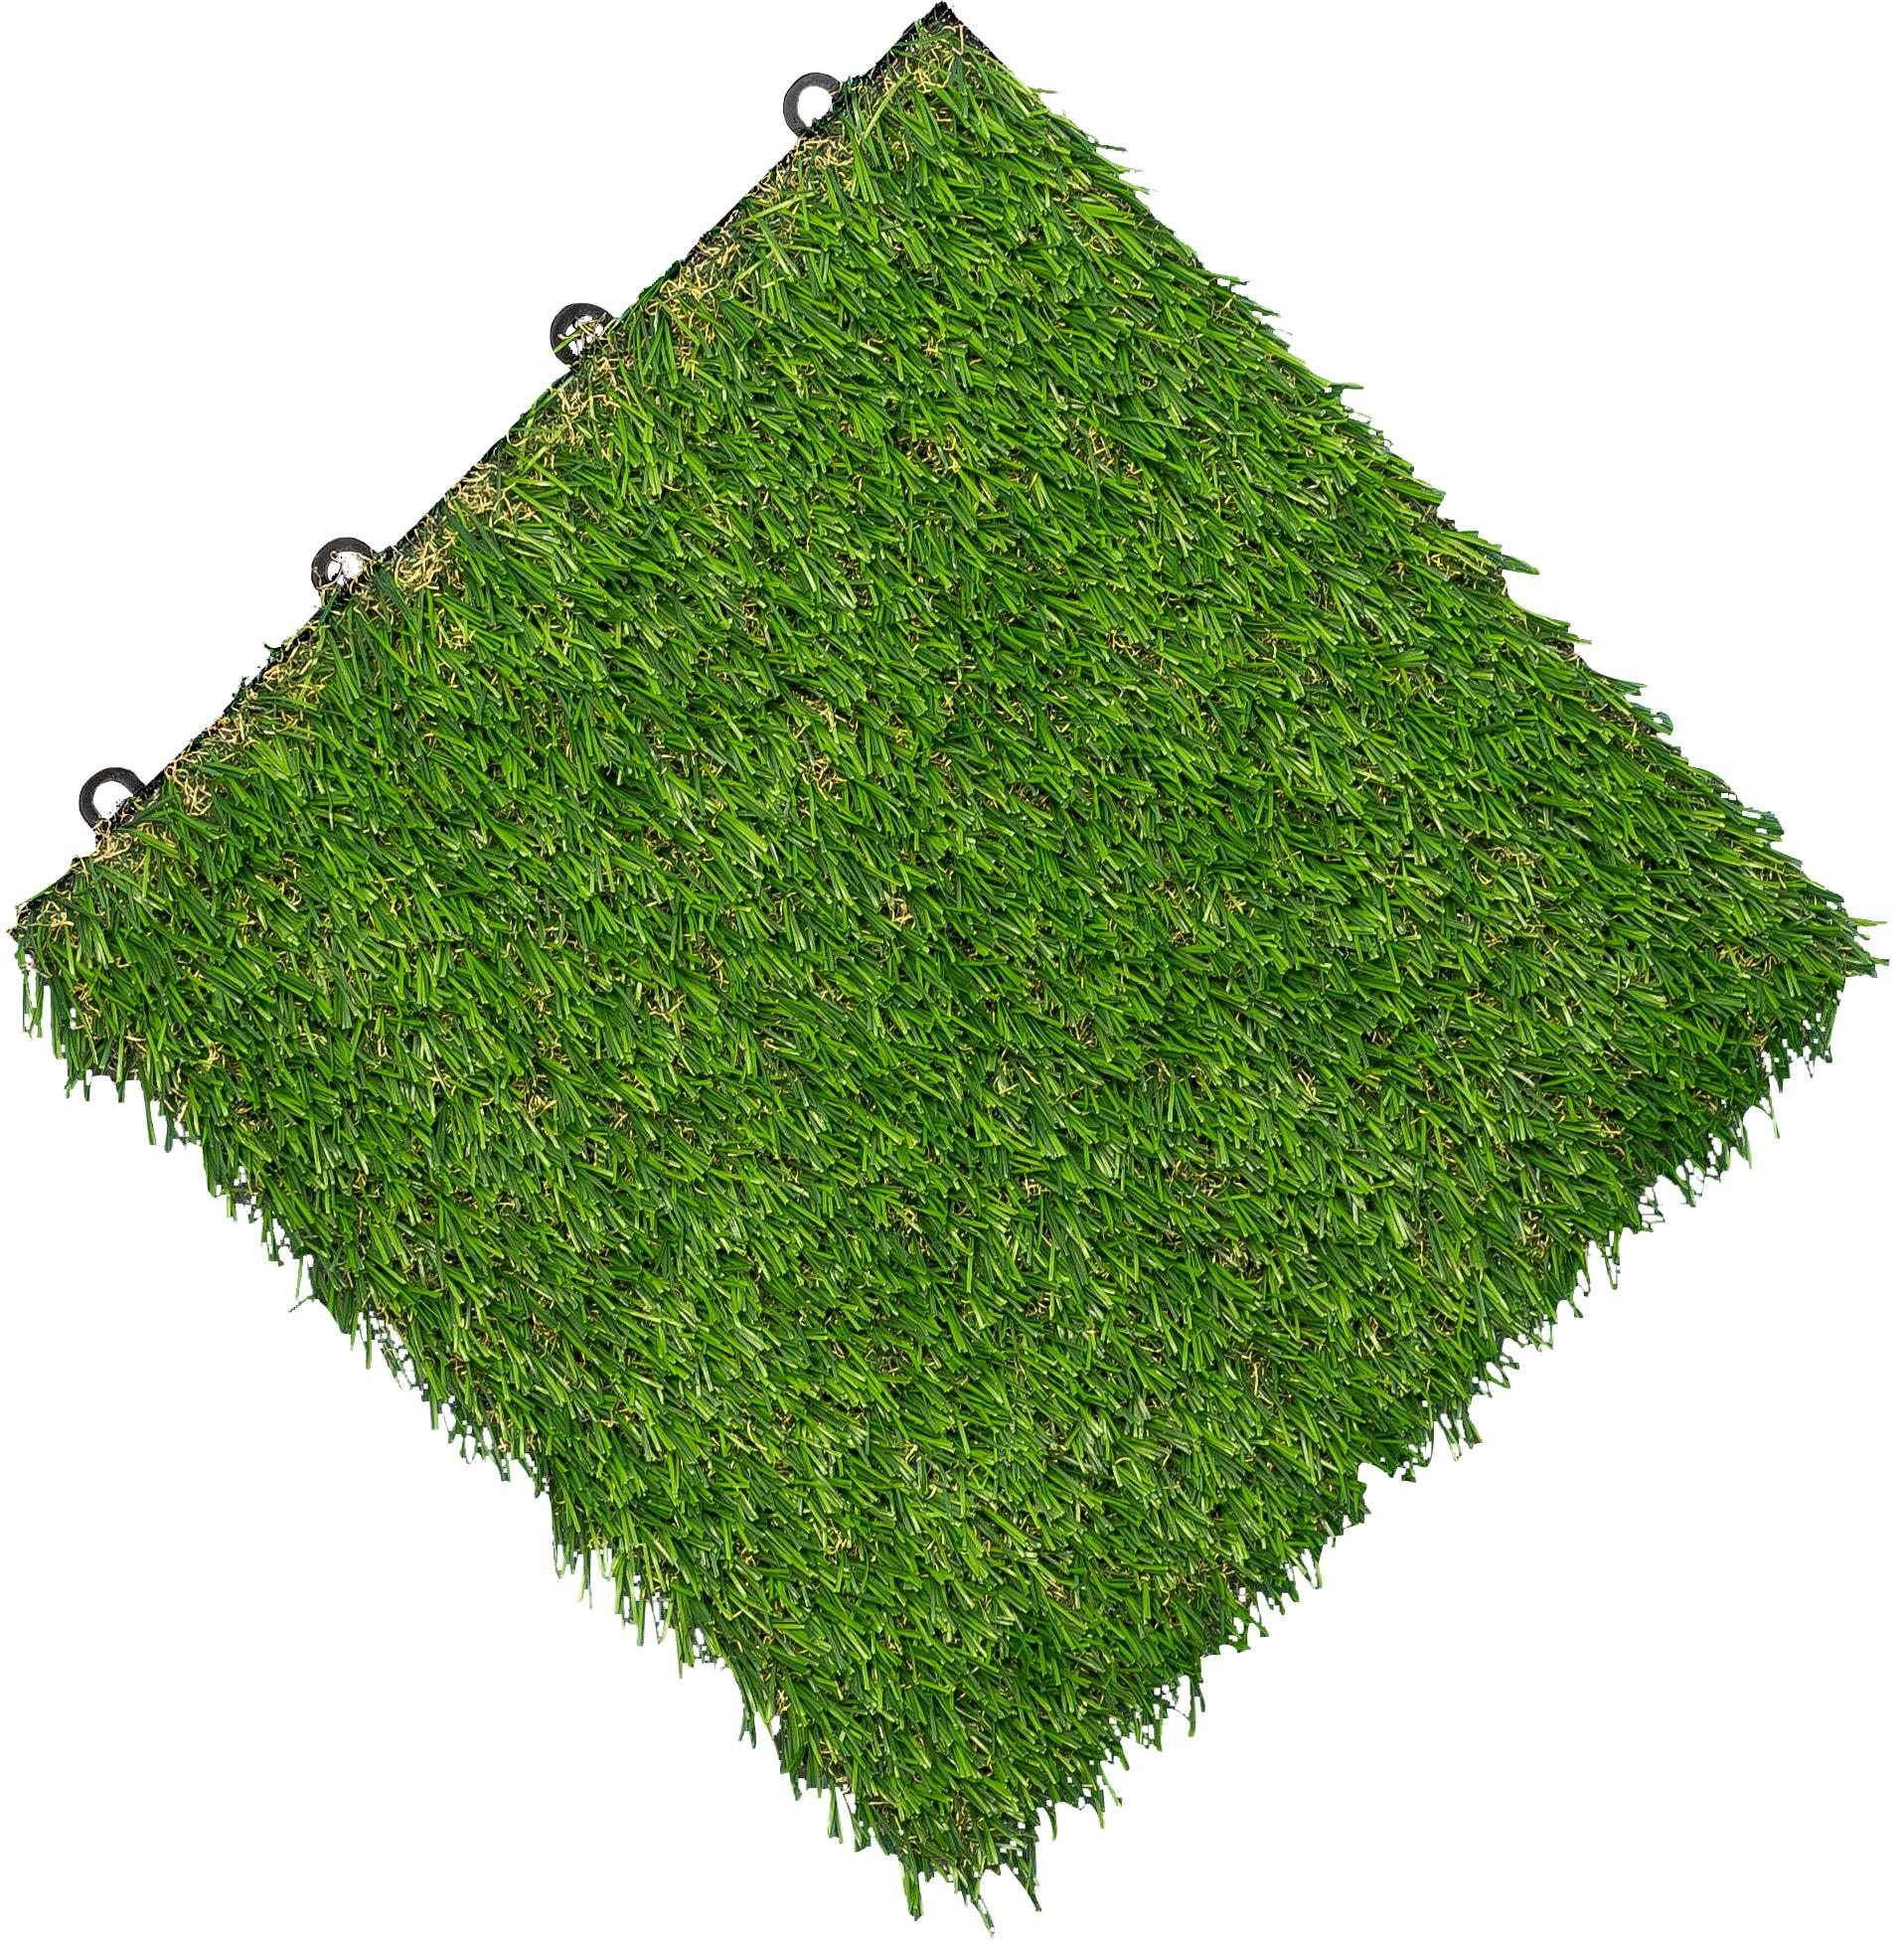 florco Klickfliesen, 0,99 m² grün Klickfliesen Fliesen Bodenbeläge Bauen Renovieren